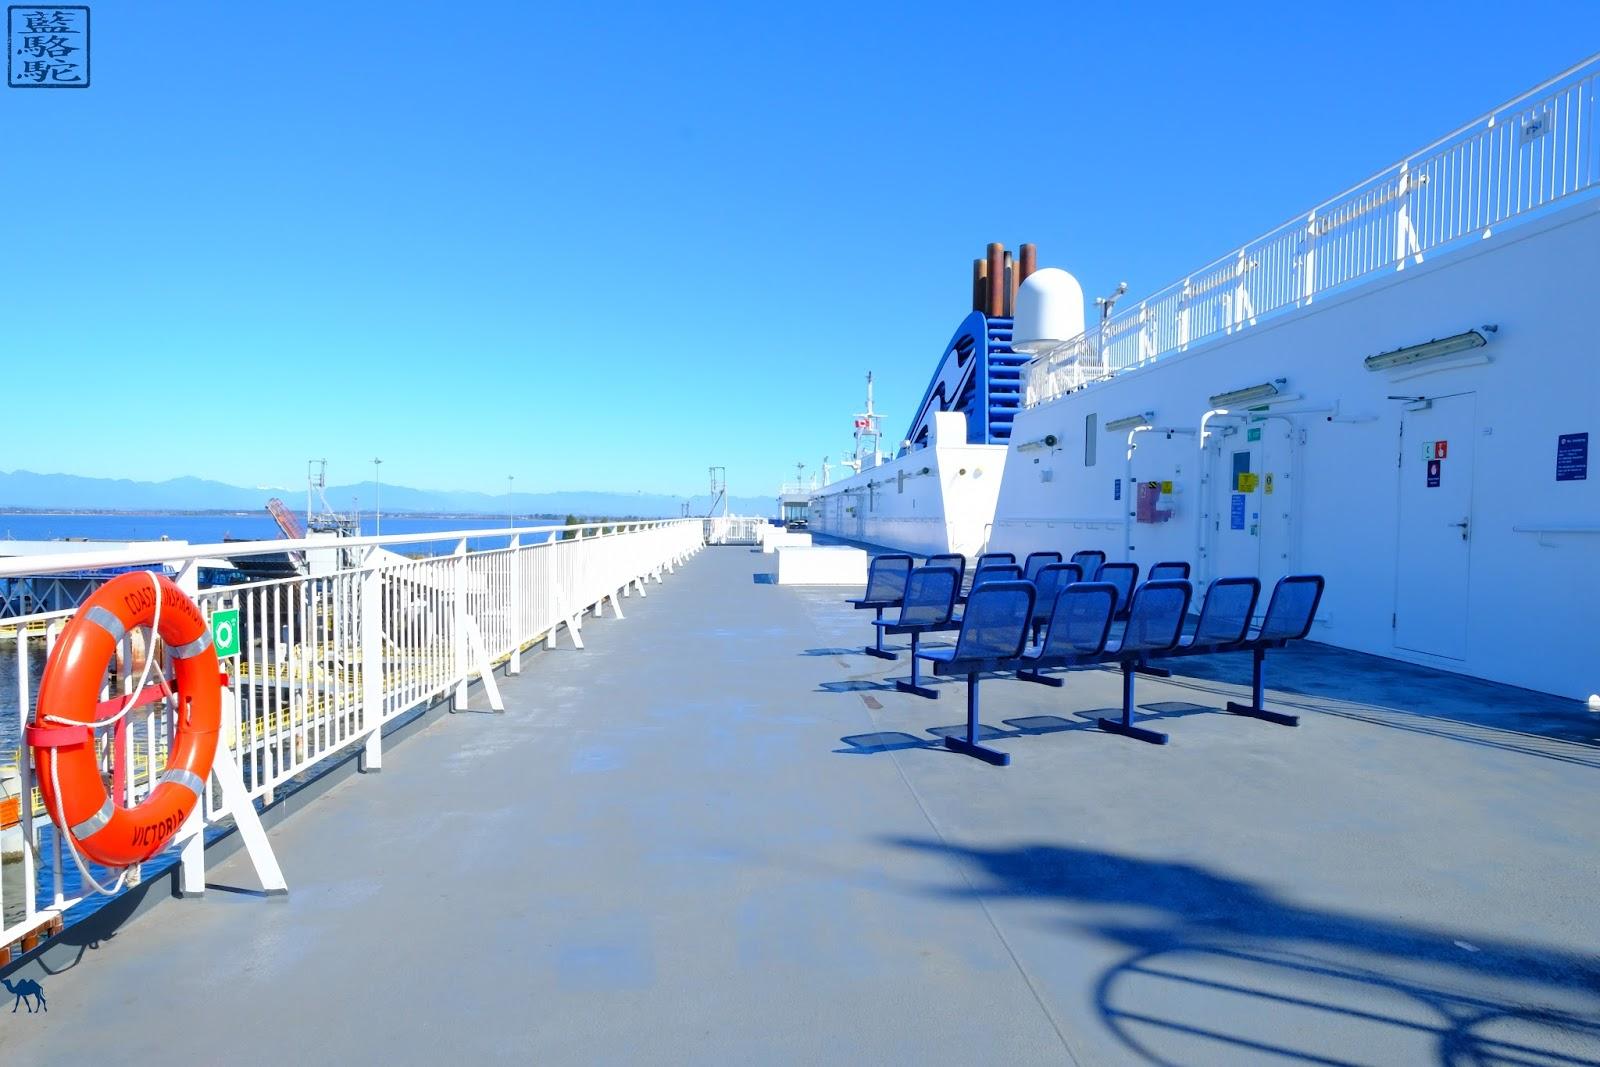 Le Chameau Bleu - Ferry BC pour l'ile de Victoria - Colombie Britannique - Canada